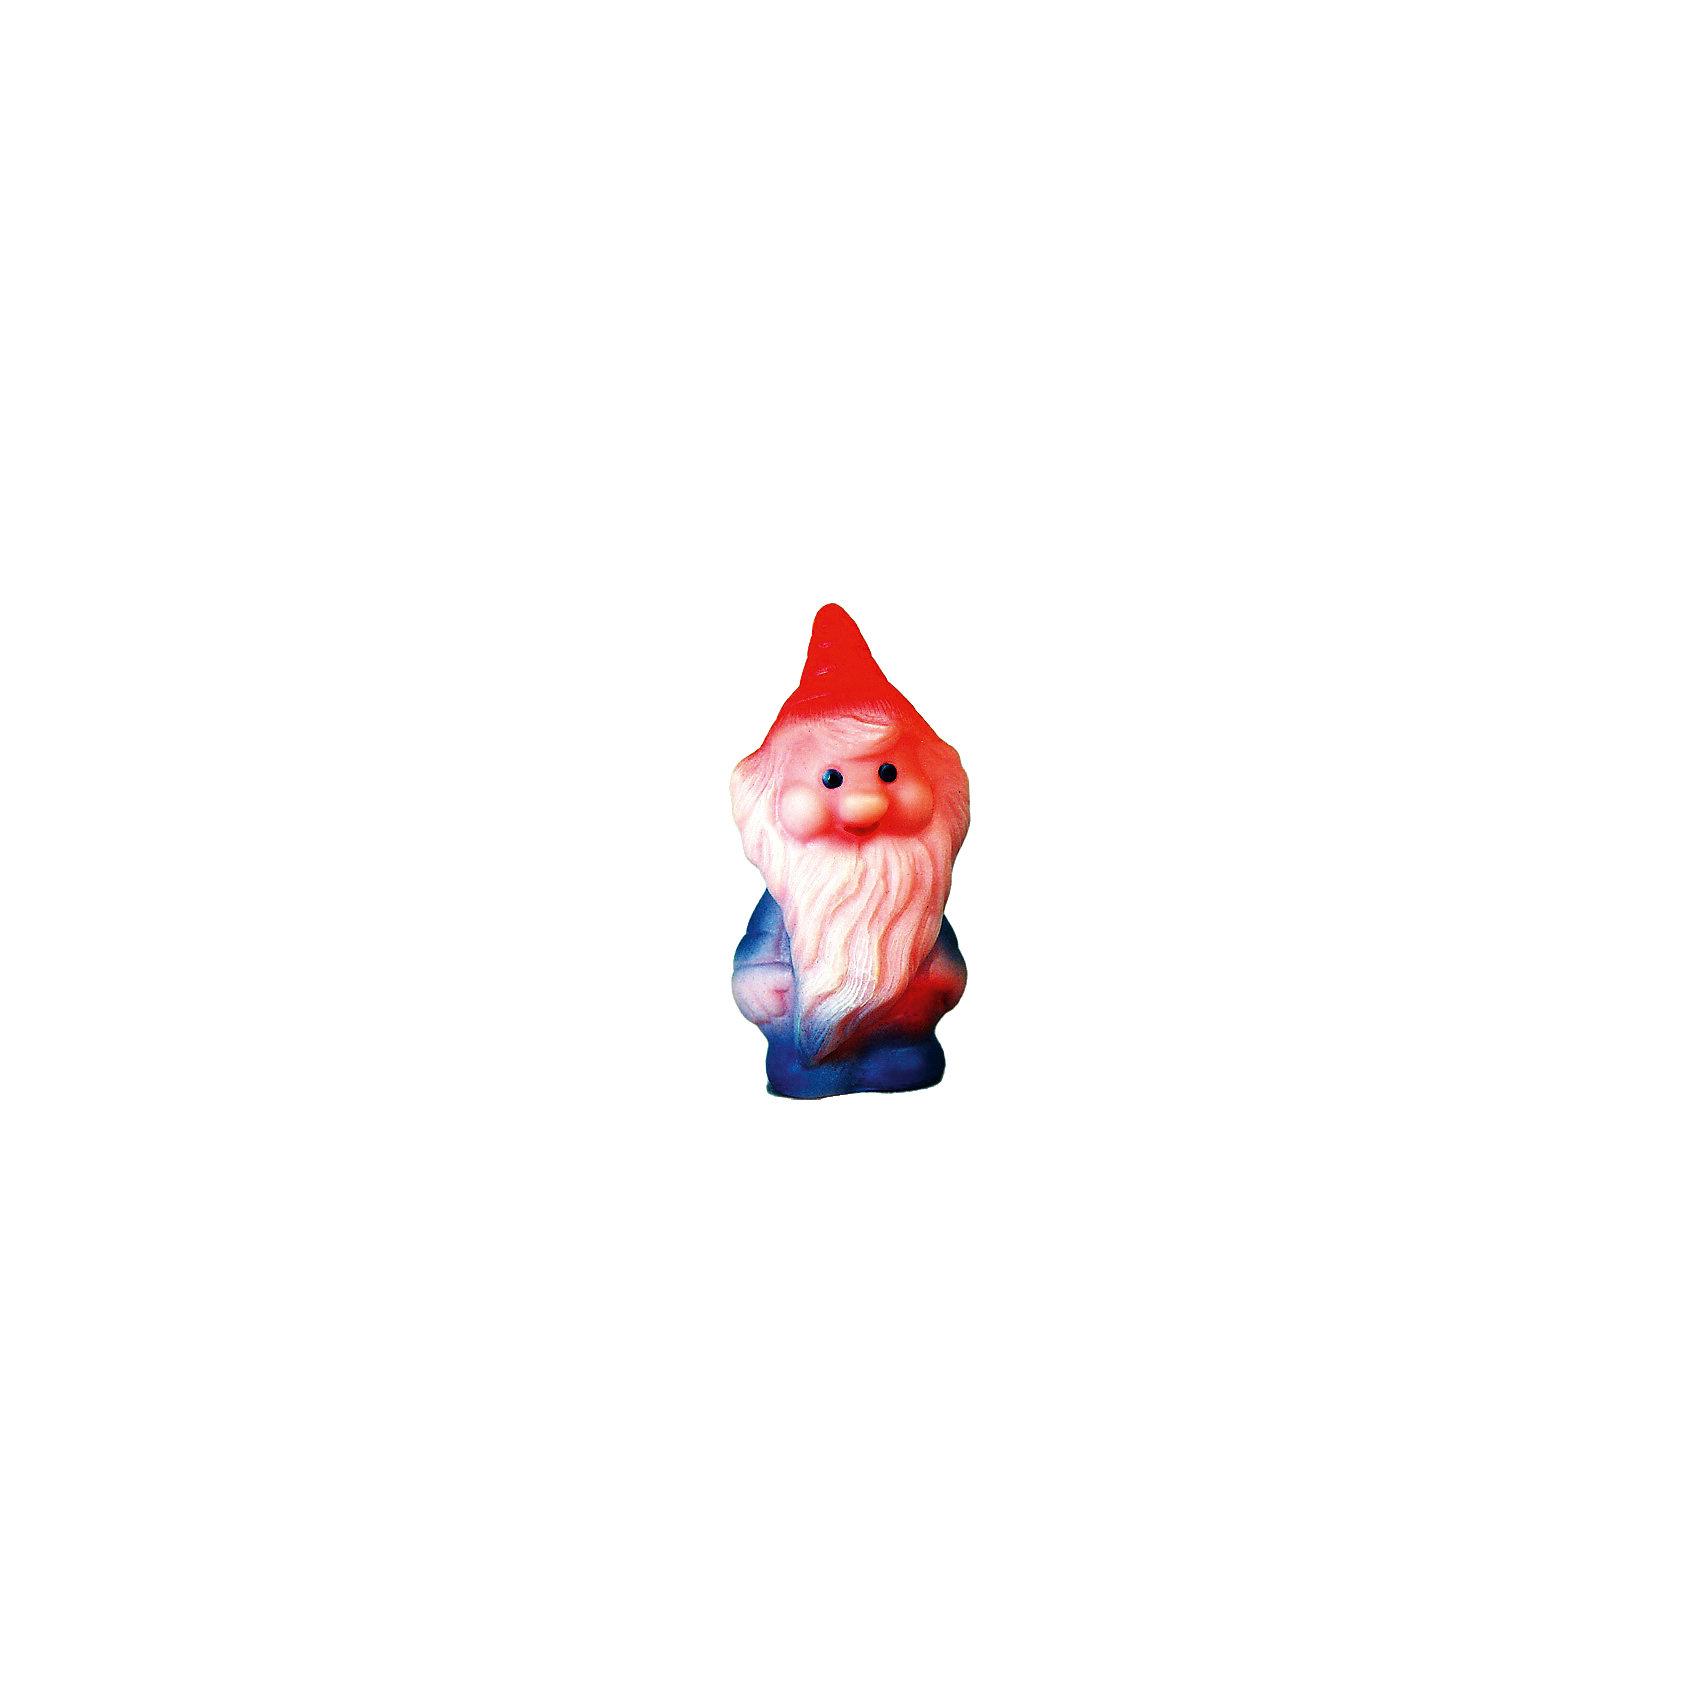 Гномик, КудесникиИгрушки ПВХ<br>Гномик, Кудесники.<br><br>Характеристики:<br><br>• Материал: ПВХ.<br>• Размер: 14 см.<br>• Вес: 76г.<br> <br>Отличная игрушка из мягкого ПВХ надолго займет внимания вашего малыша. Эта игрушка поможет малышу при прорезывании зубов, поможет развивать моторику рук, знакомить с формой, цветом, образами также с ней можно забавно поиграть в ванной. Яркий образ поможет ребенку придумывать различные сюжетно-ролевые игры.<br><br>Гномика , Кудесники, можно купить внашем интернет – магазине.<br><br>Ширина мм: 70<br>Глубина мм: 50<br>Высота мм: 110<br>Вес г: 55<br>Возраст от месяцев: 12<br>Возраст до месяцев: 36<br>Пол: Унисекс<br>Возраст: Детский<br>SKU: 4896445